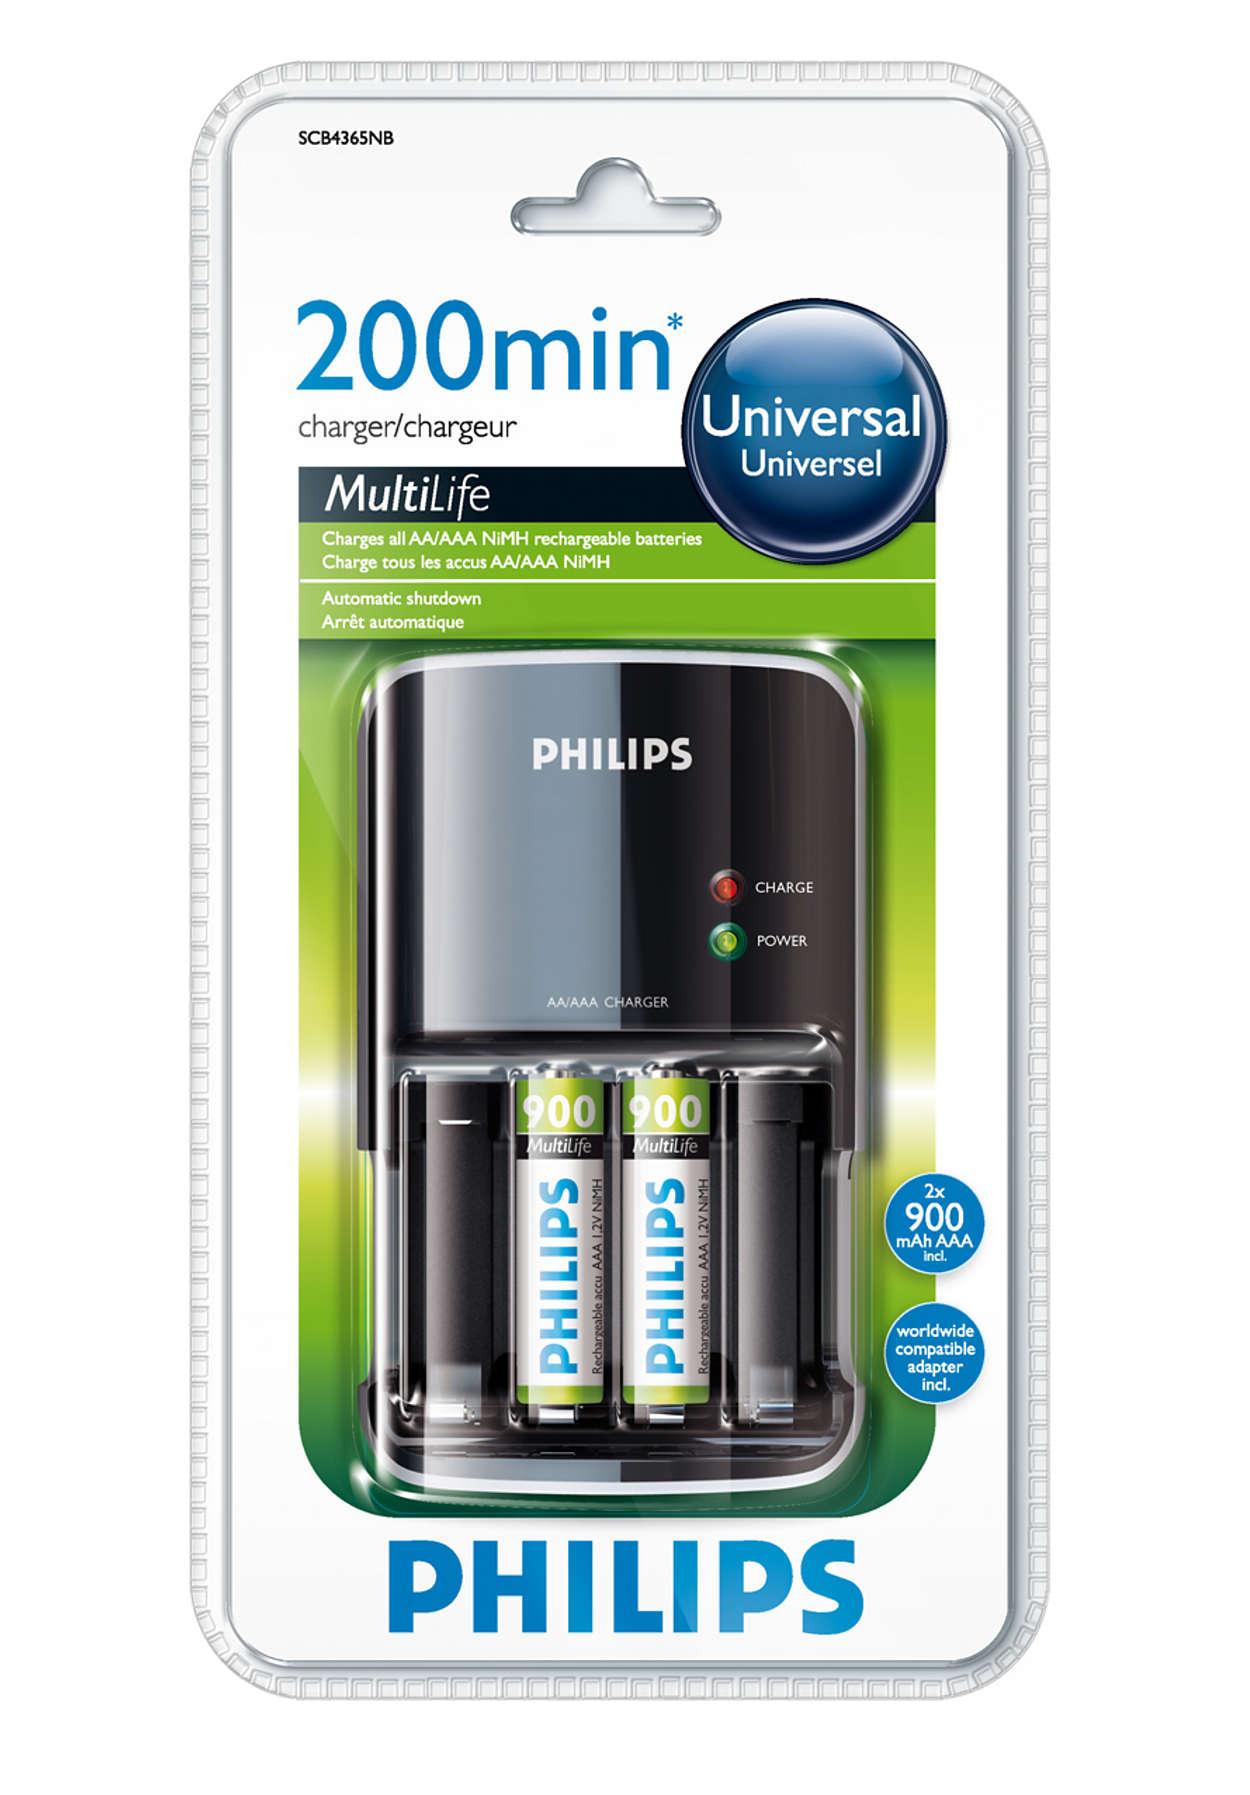 Plne nabité batérie za maximálne 200 minút